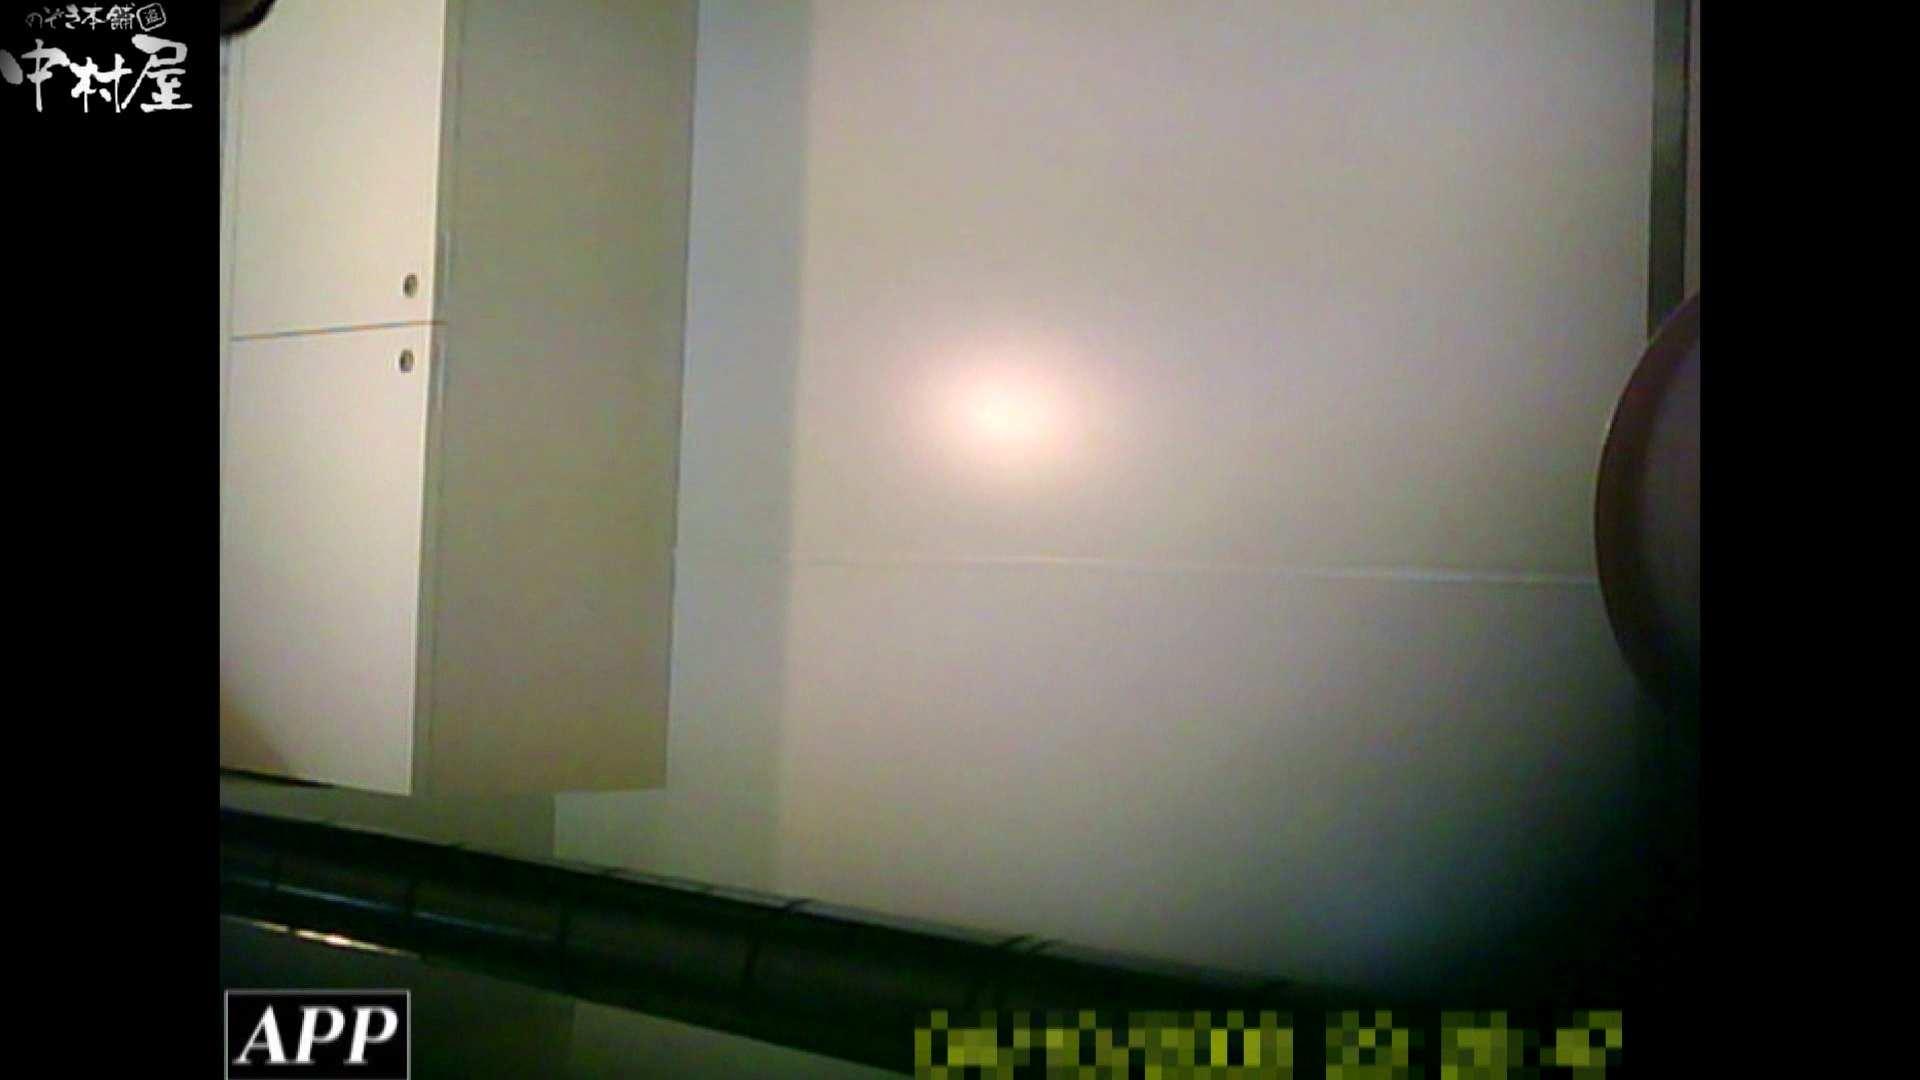 三つ目で盗撮 vol.55 モロだしオマンコ オマンコ動画キャプチャ 70pic 44